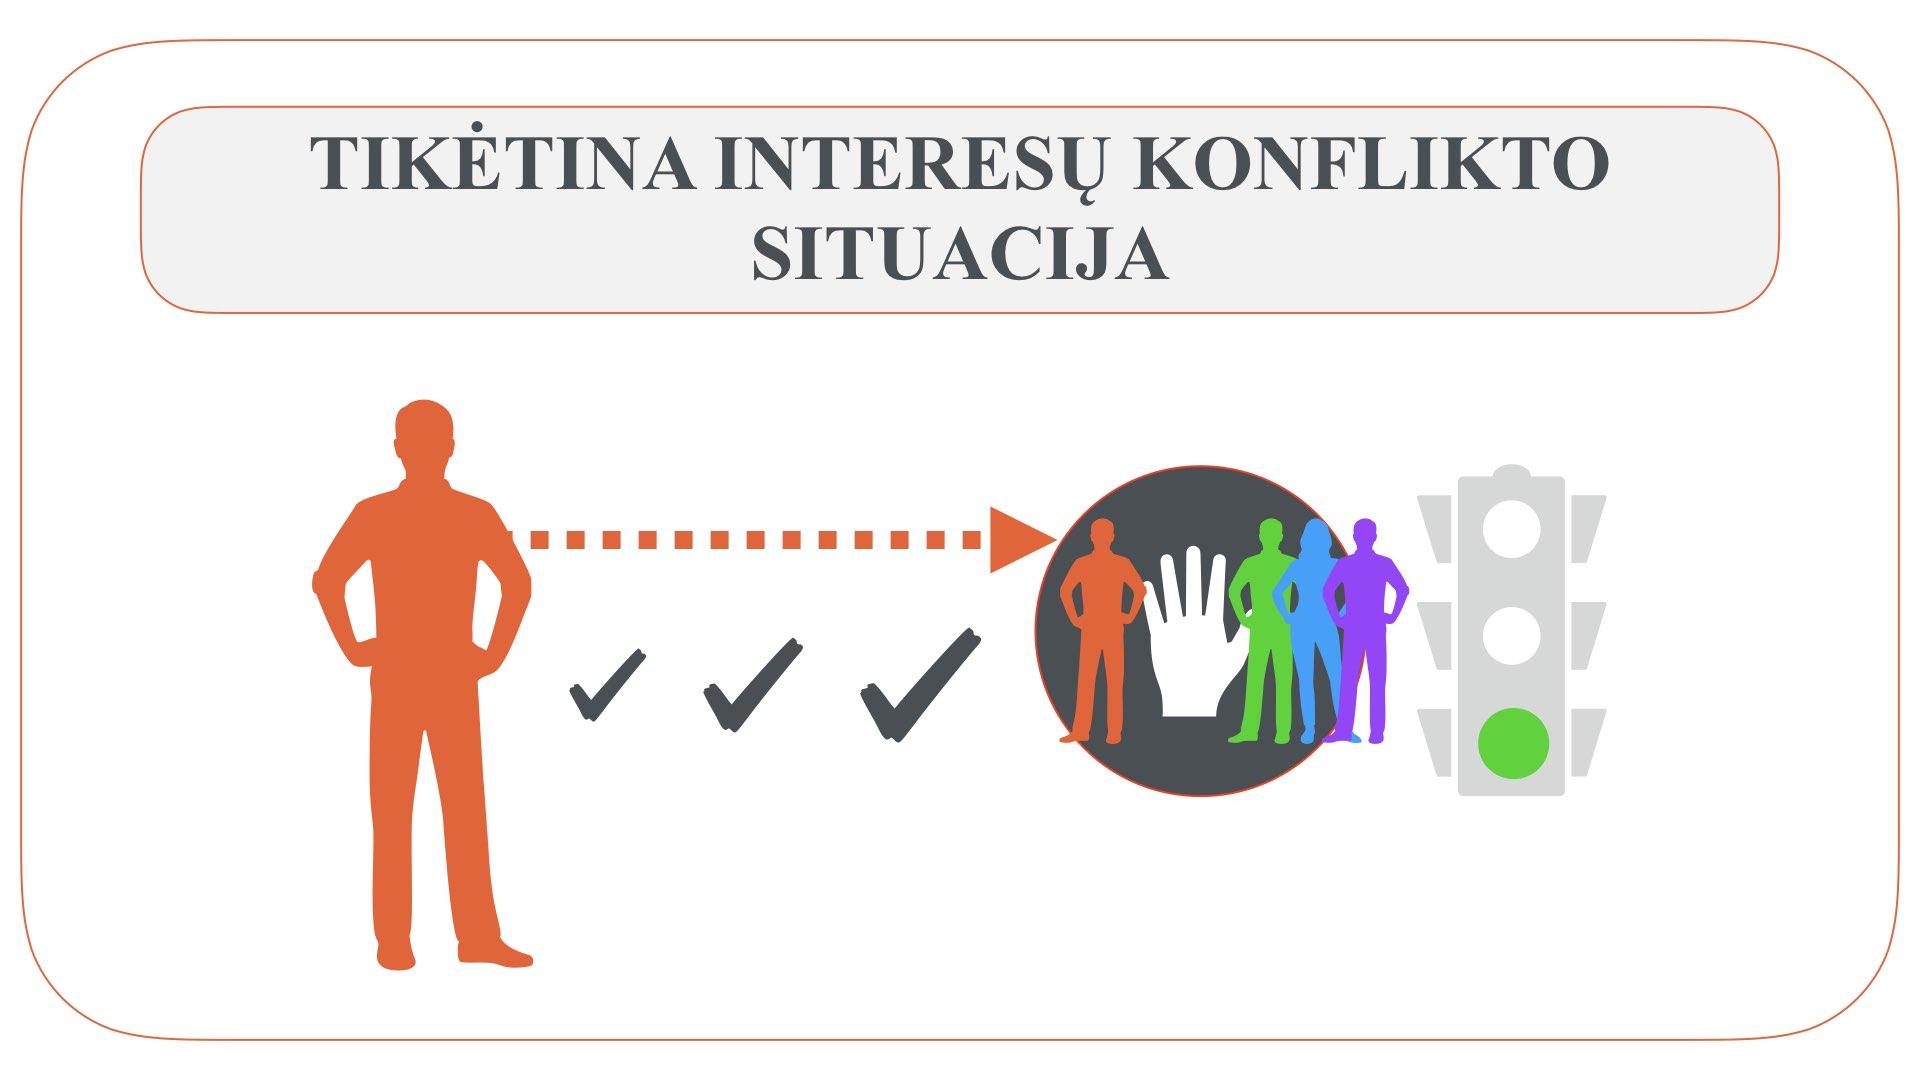 Tiketina interesų konflitko situacija